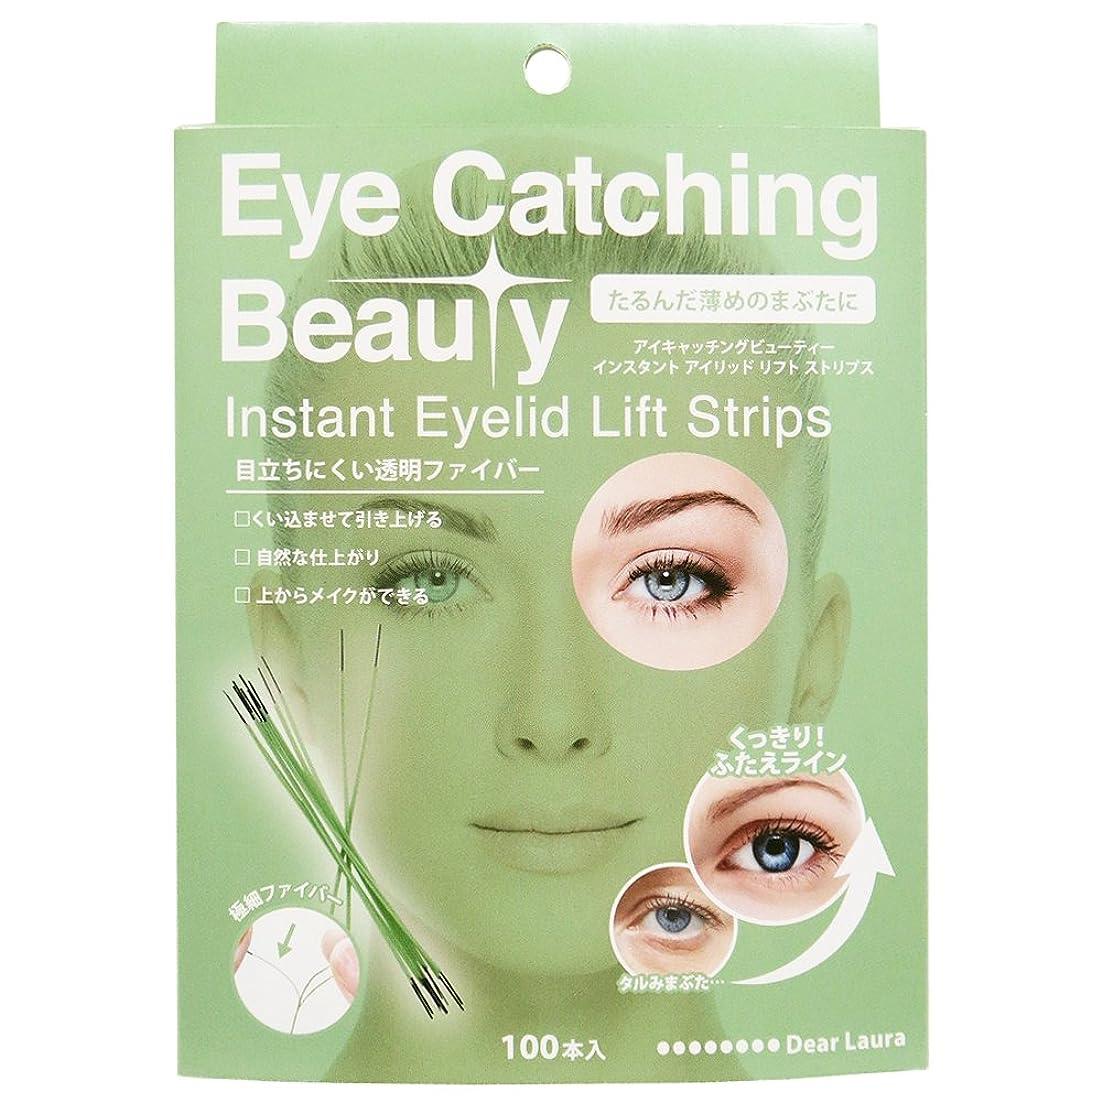 見積りしない待つアイキャッチングビューティー (Eye Catching Beauty) インスタント アイリッド リフト ストリップス ECB-J03 100本